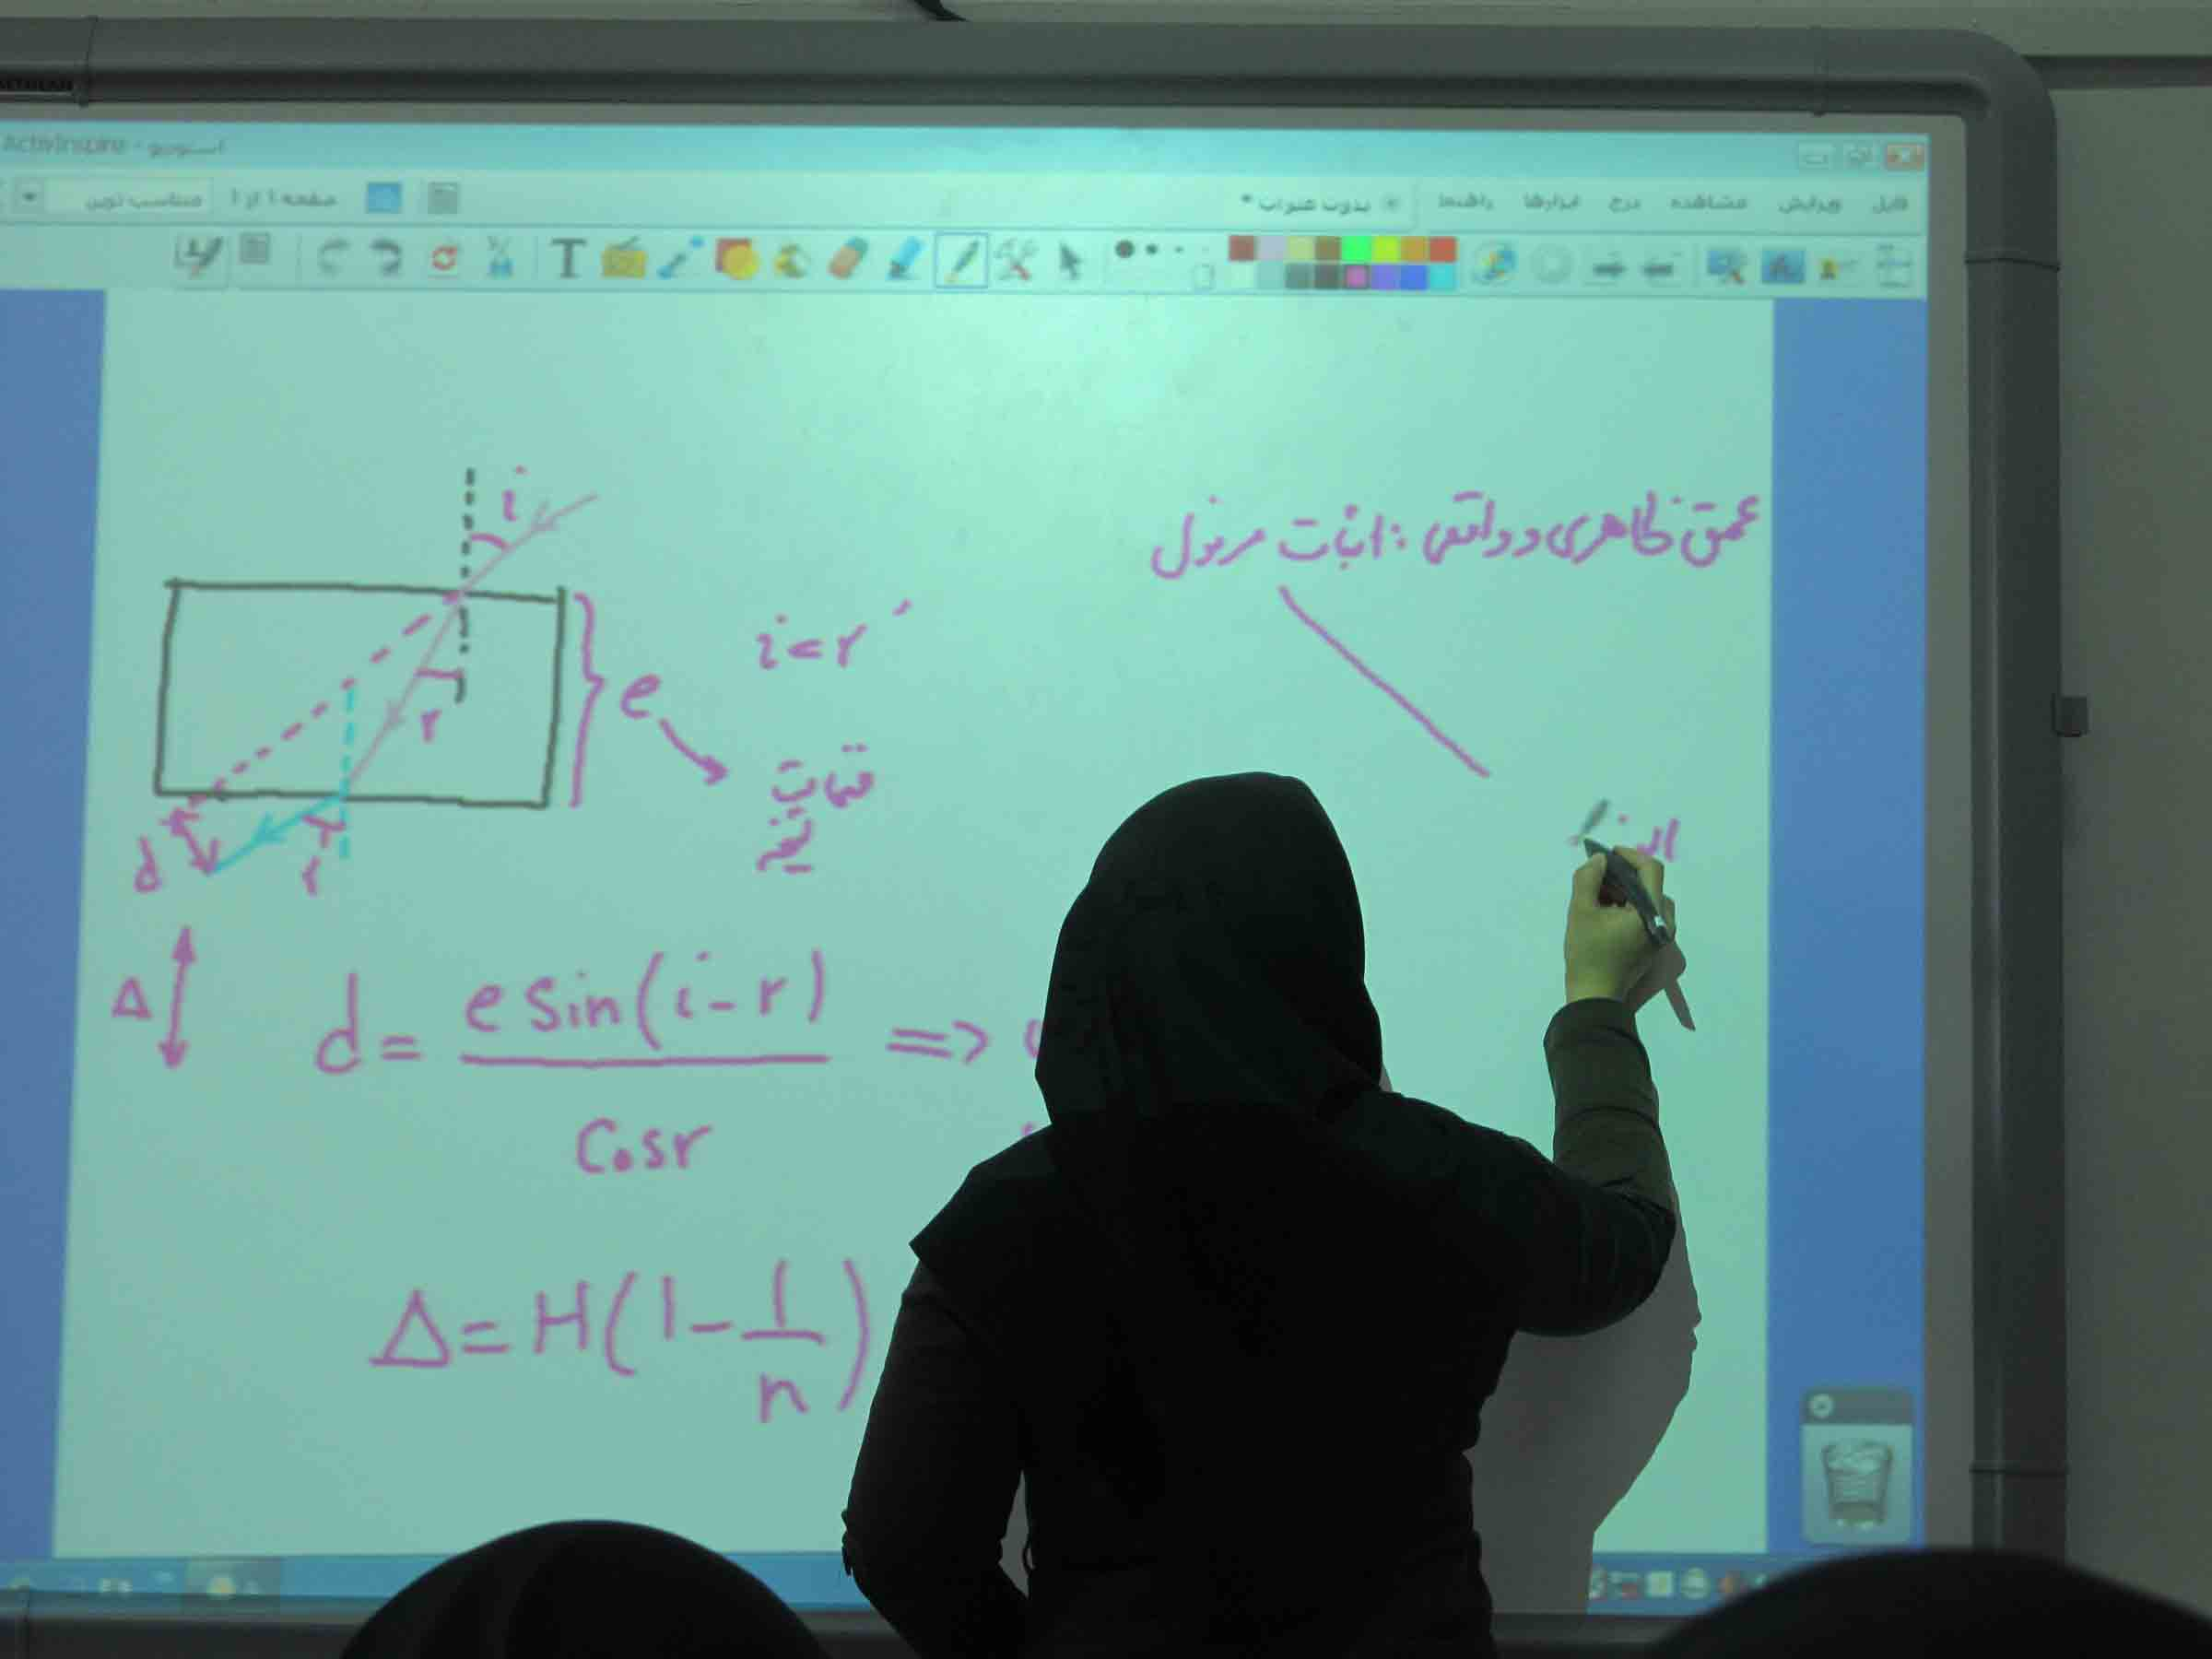 کیت هوشمندسازی مدارس - قلم هوشمند - تخته هوشمند